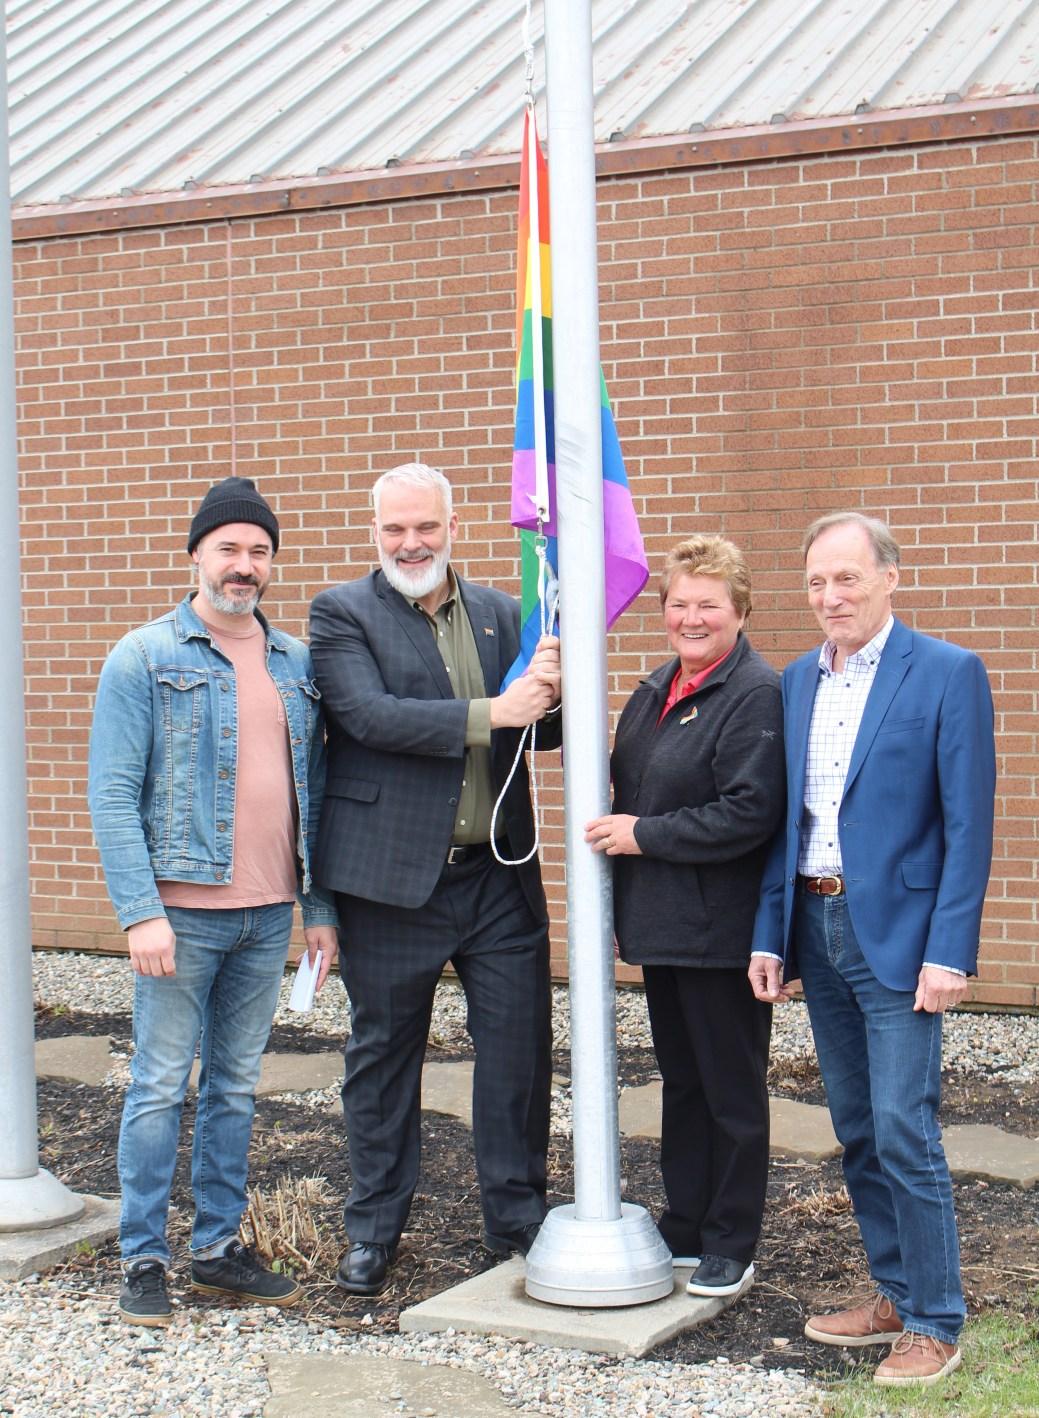 Pascal lejeune, le maire Kevin Haché, la conseillère municipale Mariette Paulin et le président du Rendez-vous de la fierté Acadie Love, Claude Lespérance, se préparent à la levée du drapeau LGBTQ2+. - Acadie Nouvelle: Réal Fradette